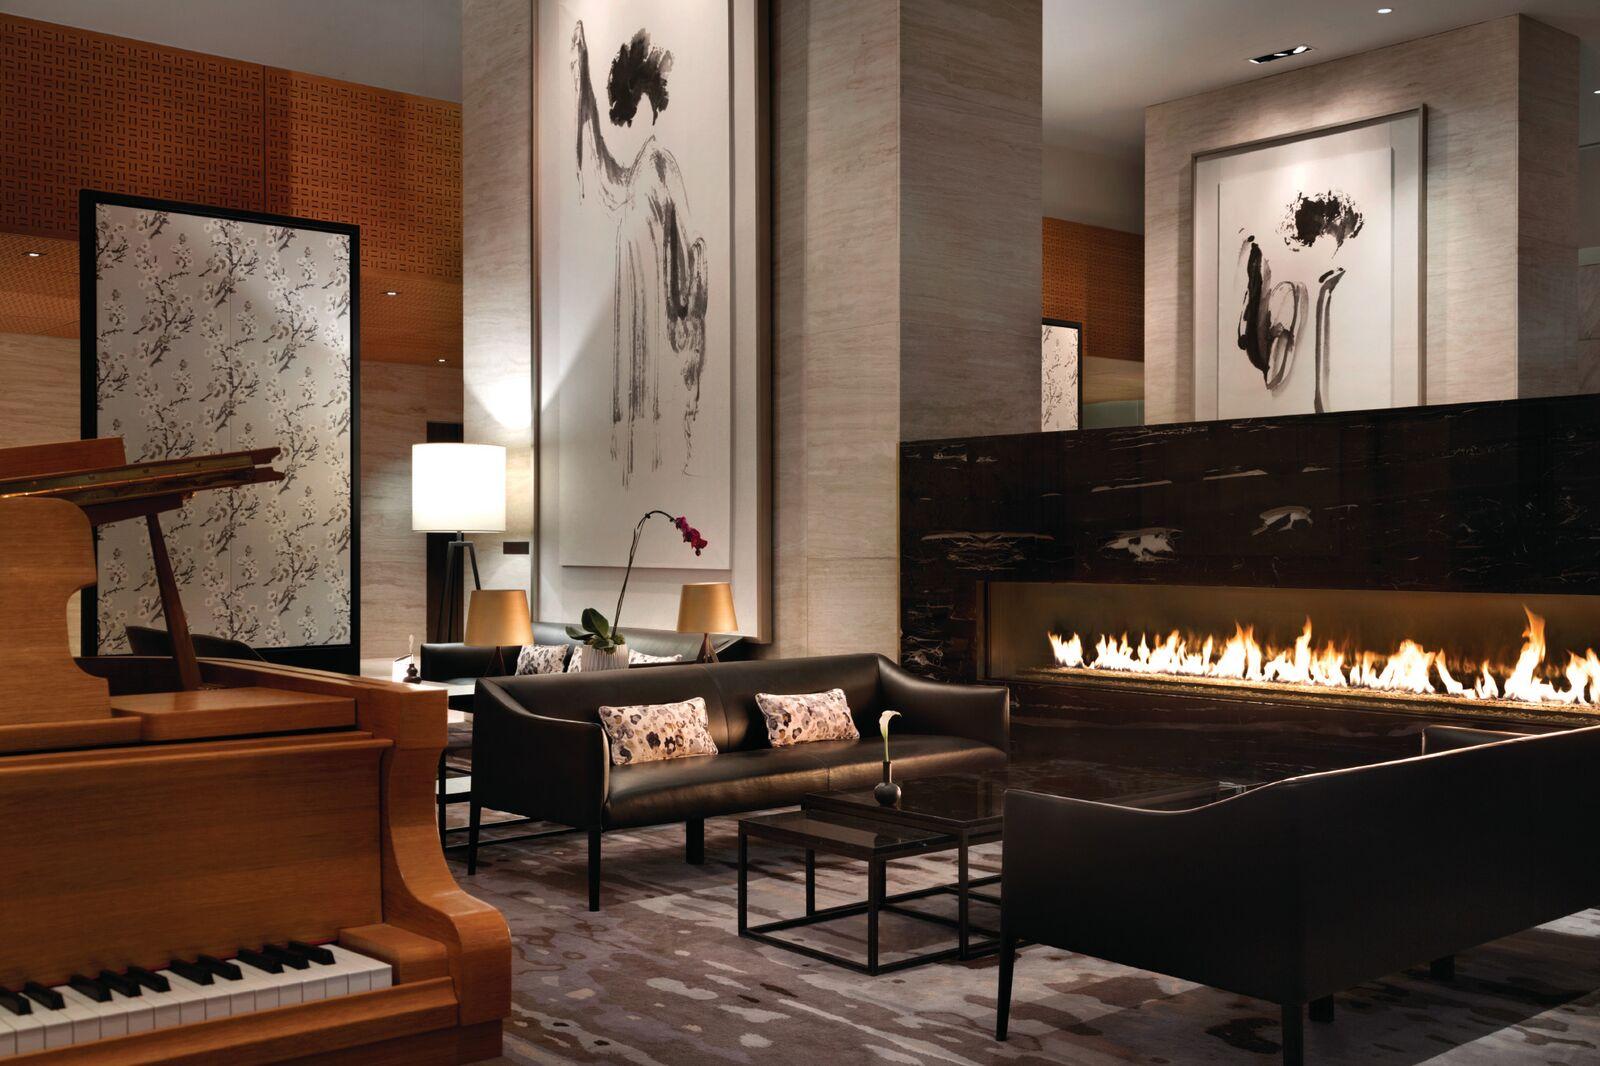 Shangri-La Hotel Toronto - Lobby - 1194344_preview.jpeg